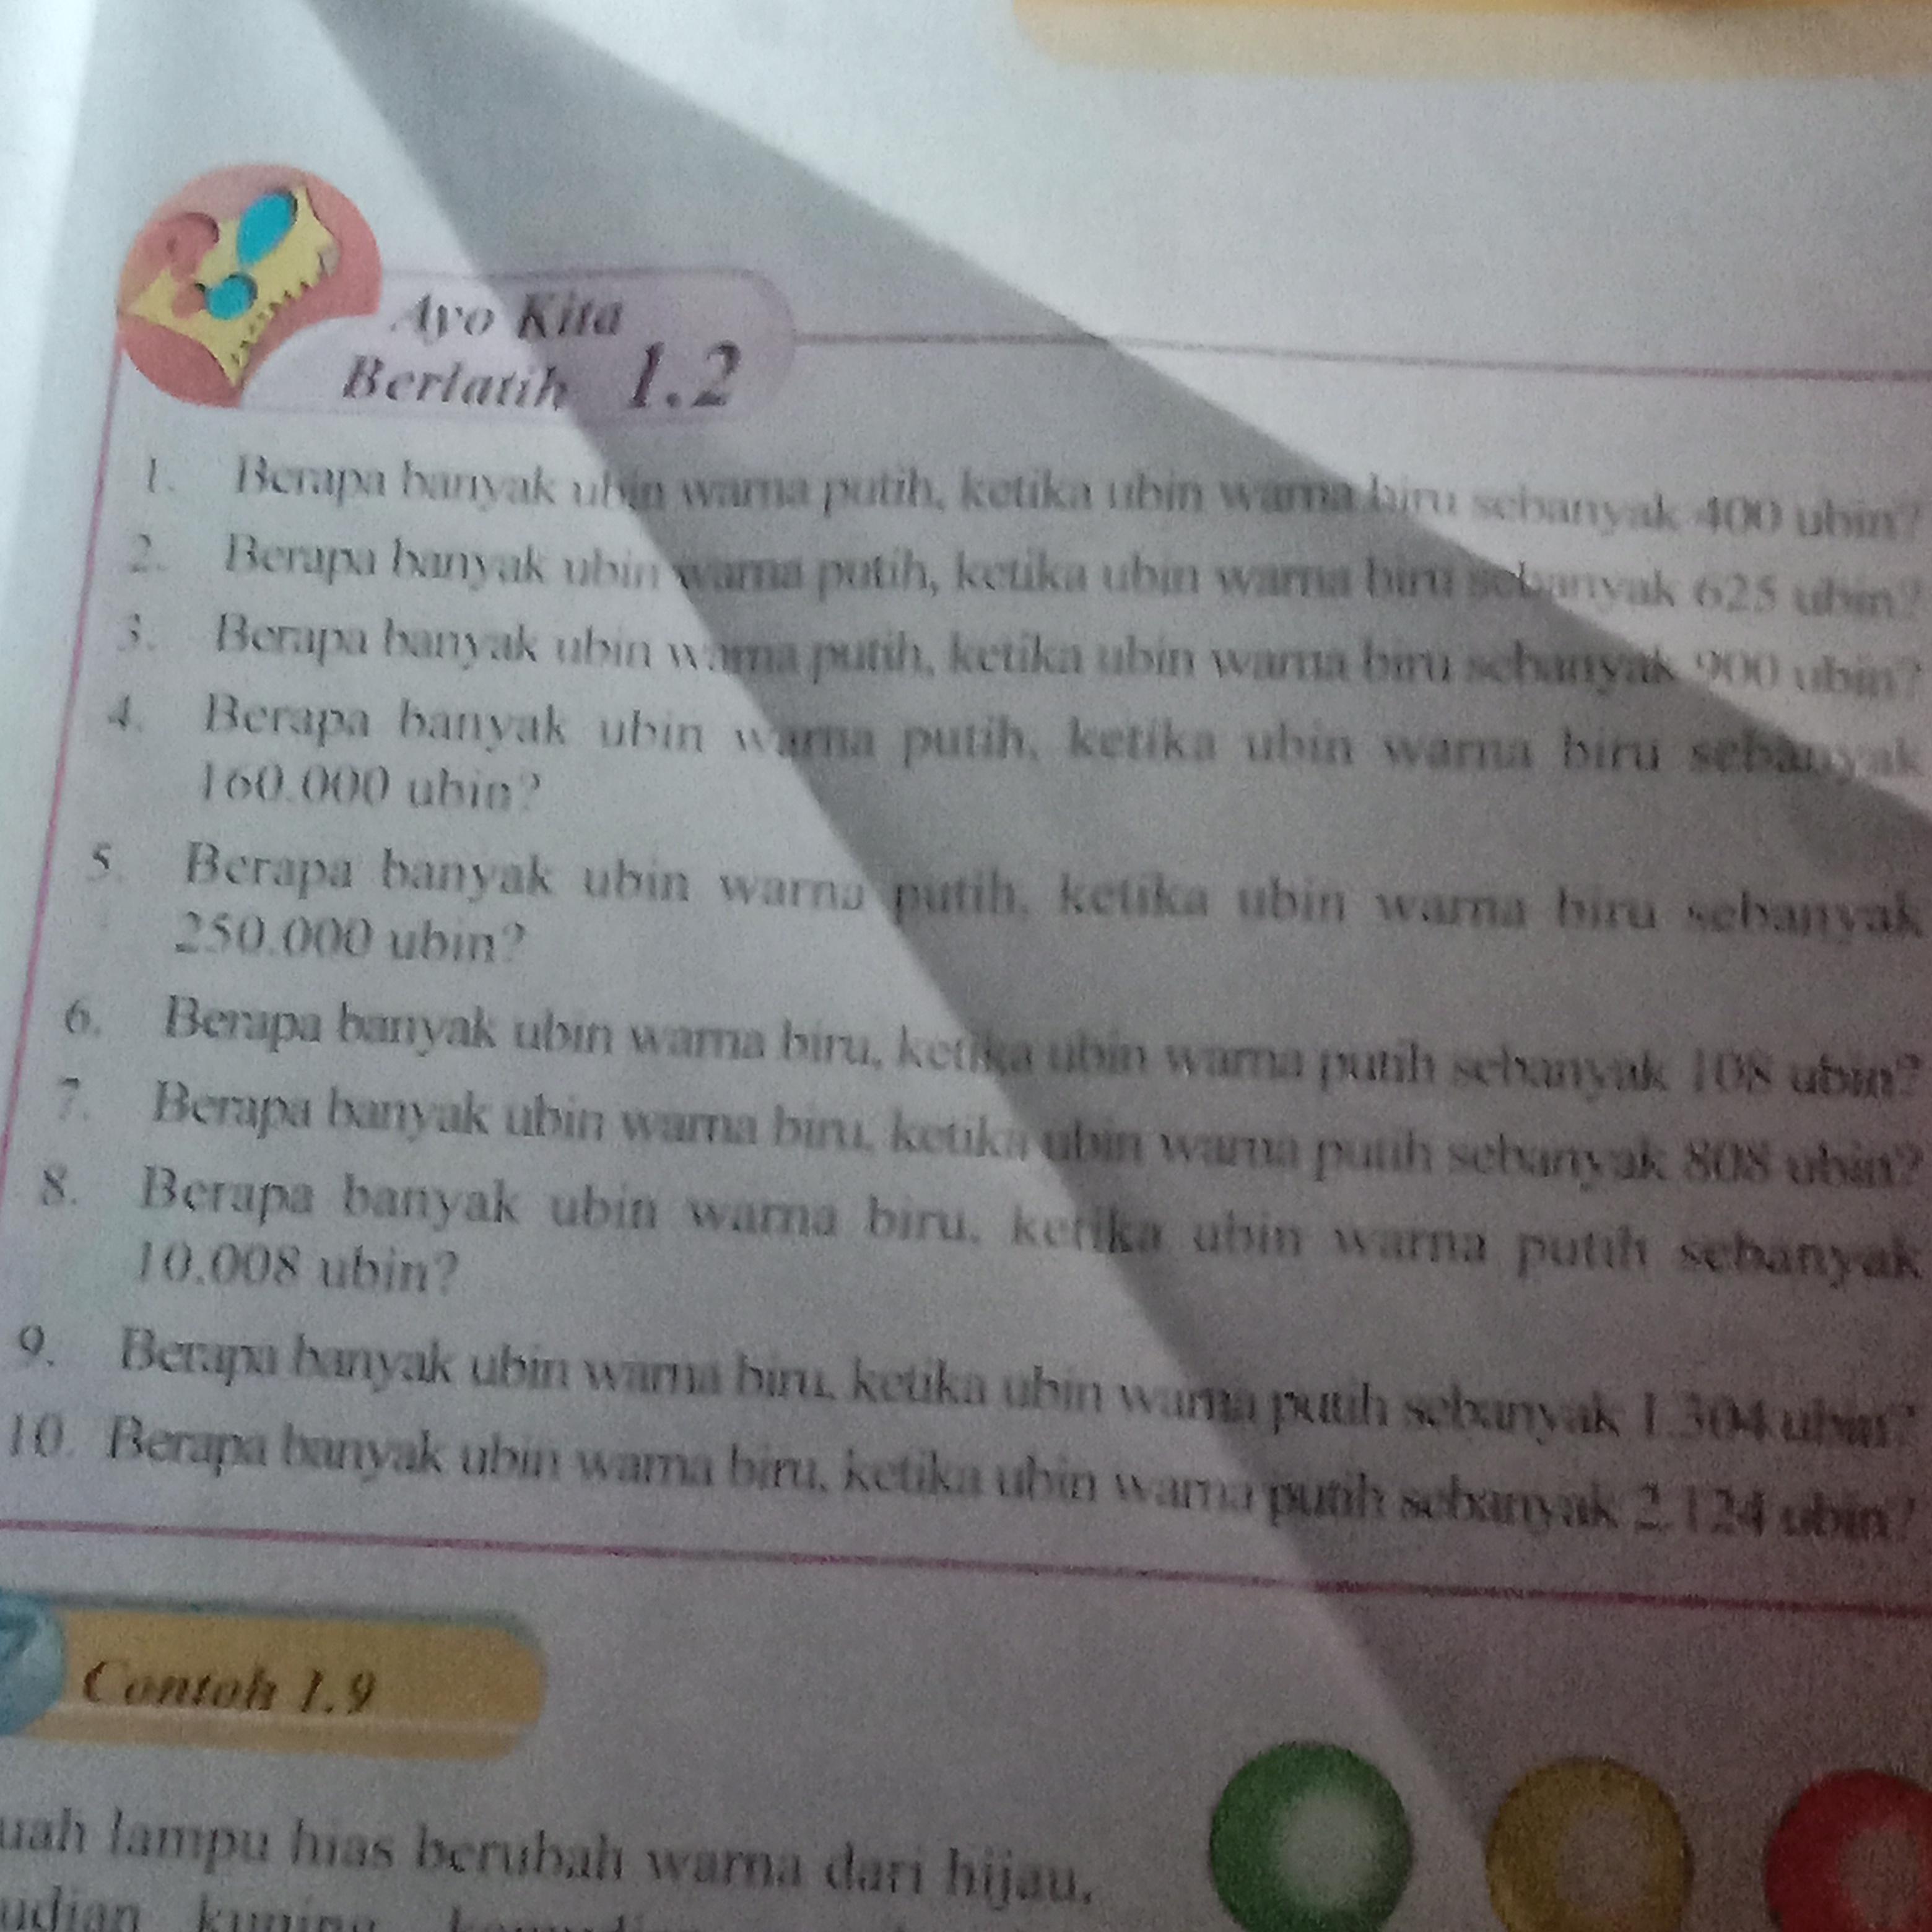 kunci jawaban iji bertujuan untuk membantu mengerjakan soal matematika Jawaban Soal Matematika Kelas 7 Ayo Kita Berlatih 1 2 Kumpulan Contoh Surat Dan Soal Terlengkap